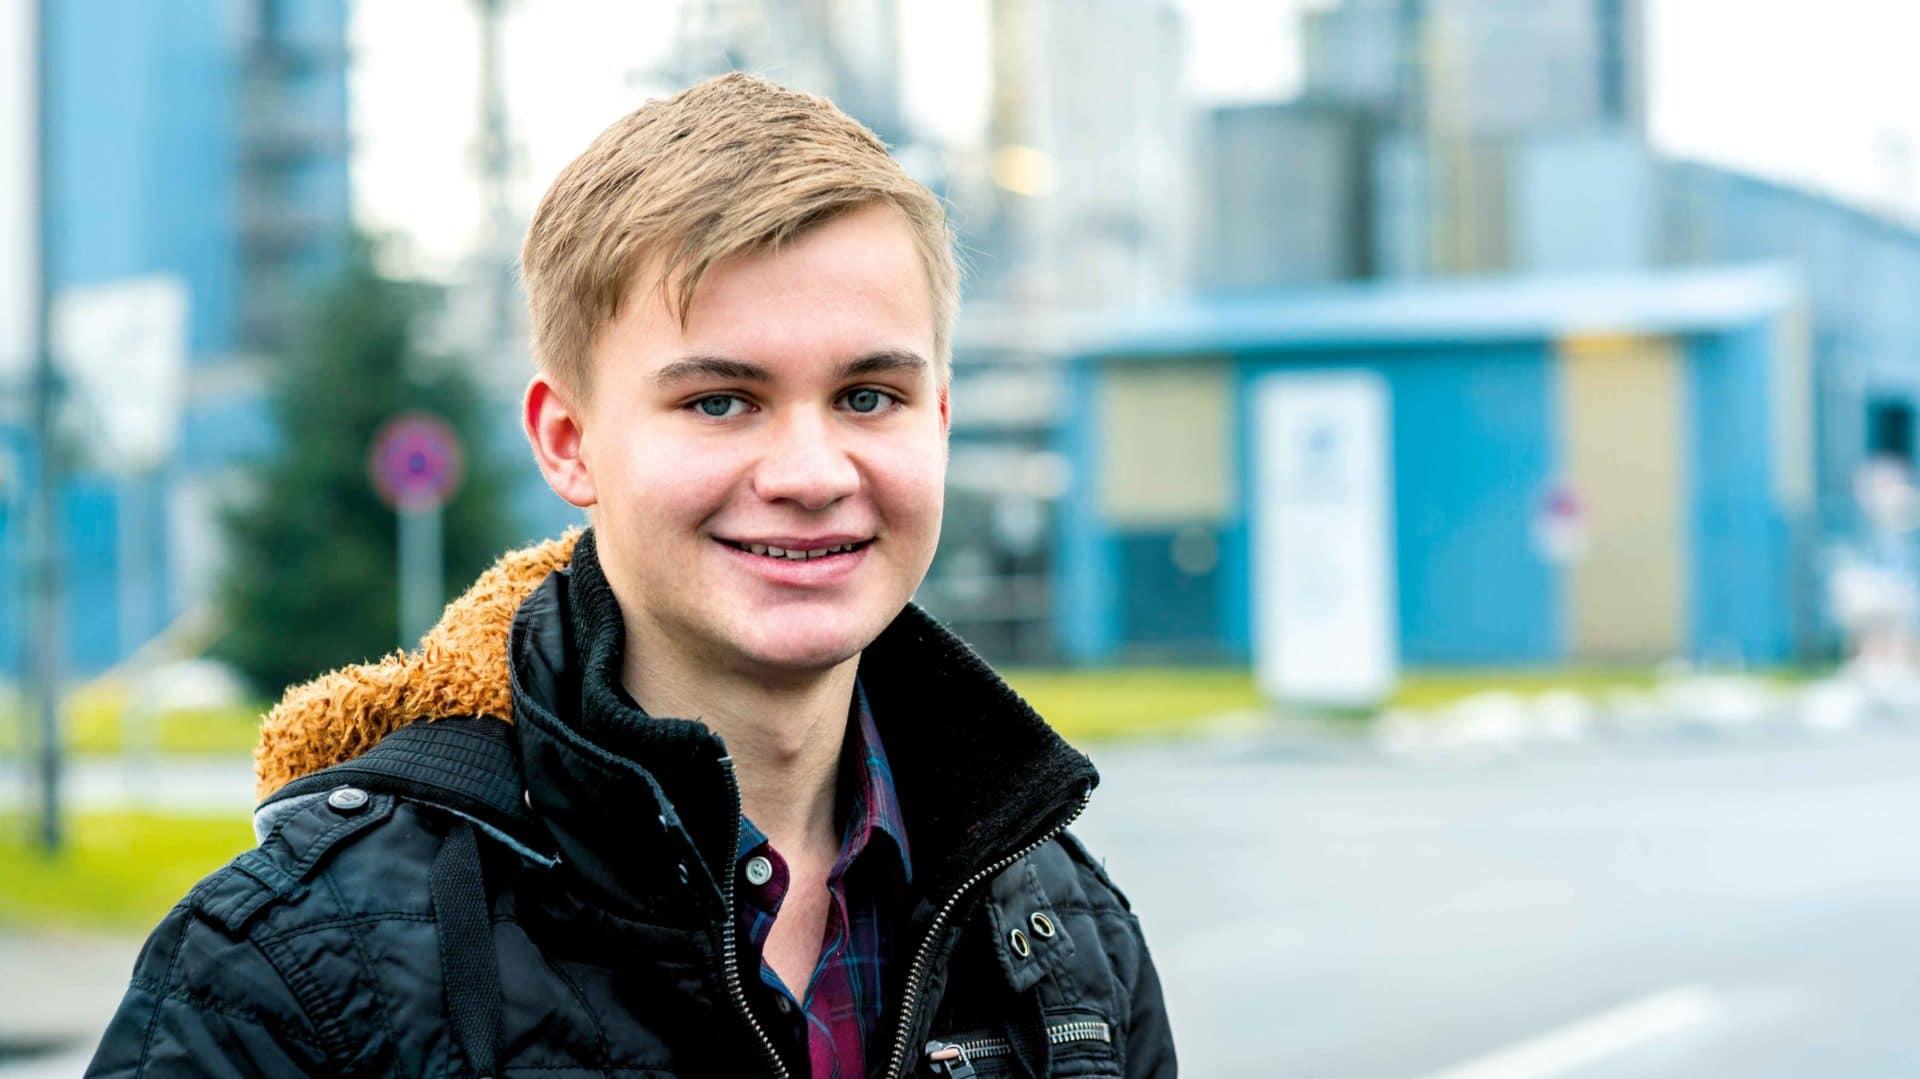 Melvin: Ausbildung zum Chemikant bei der Sasol Germany GmbH